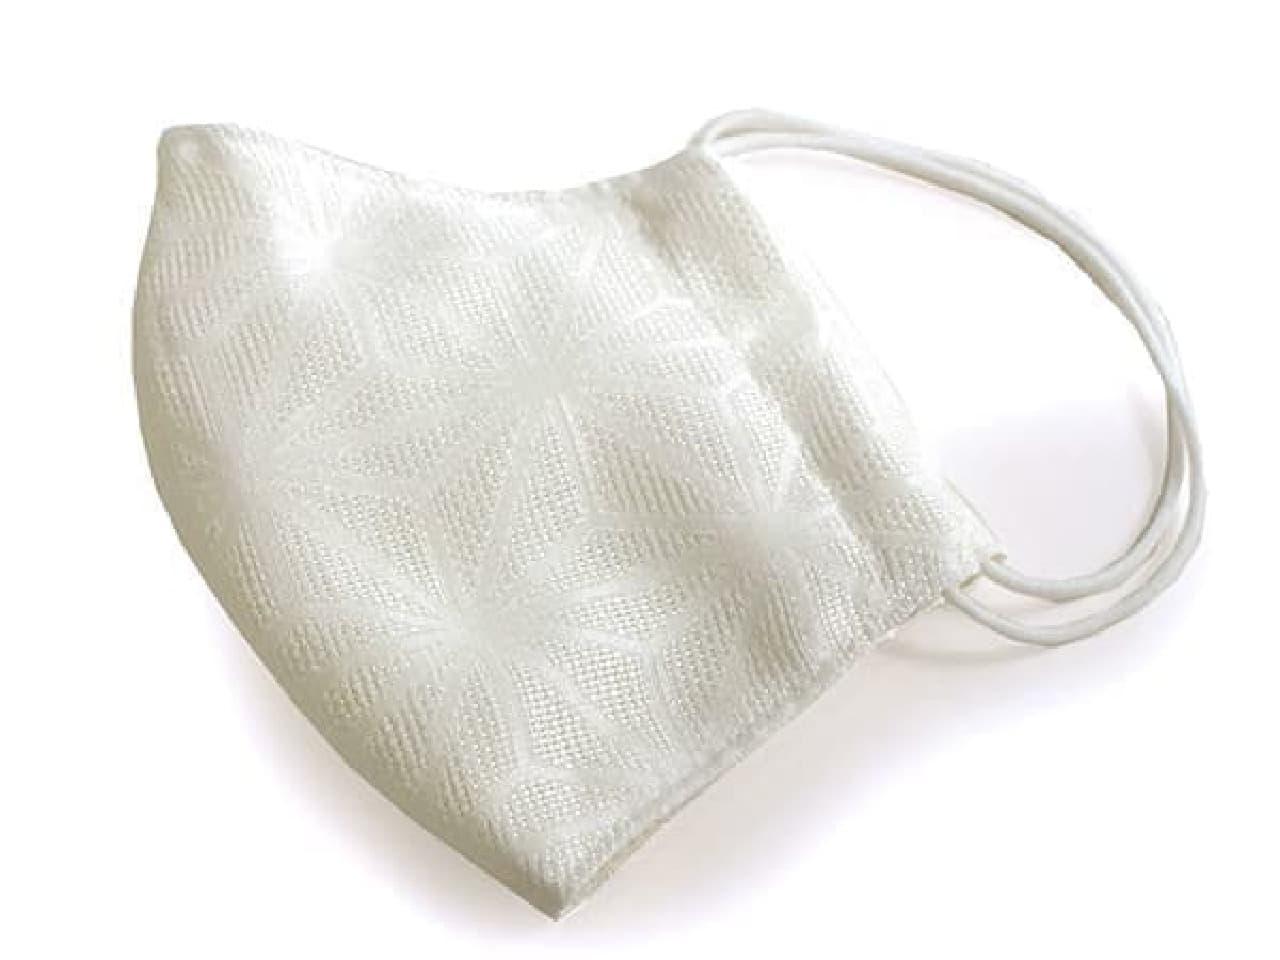 シンプルな白地で使いやすい「夏用麻の葉柄マスク」 -- 通気性に優れたクールマックス生地使用